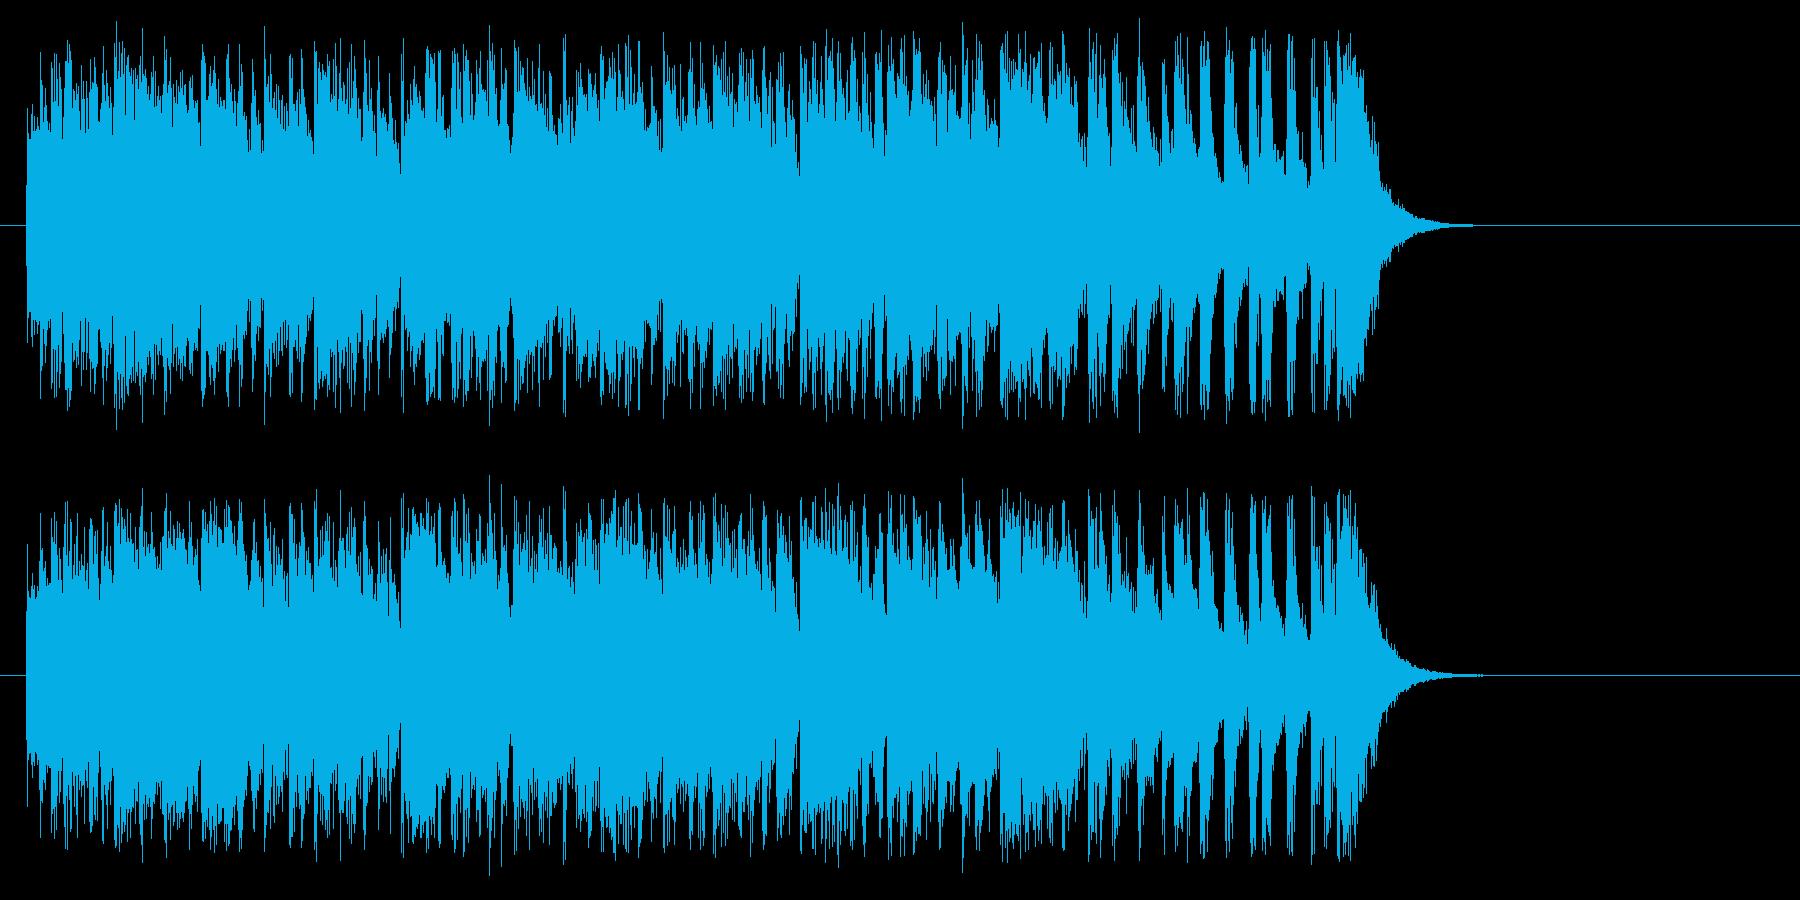 常夏風カリビアン・ポップスの再生済みの波形